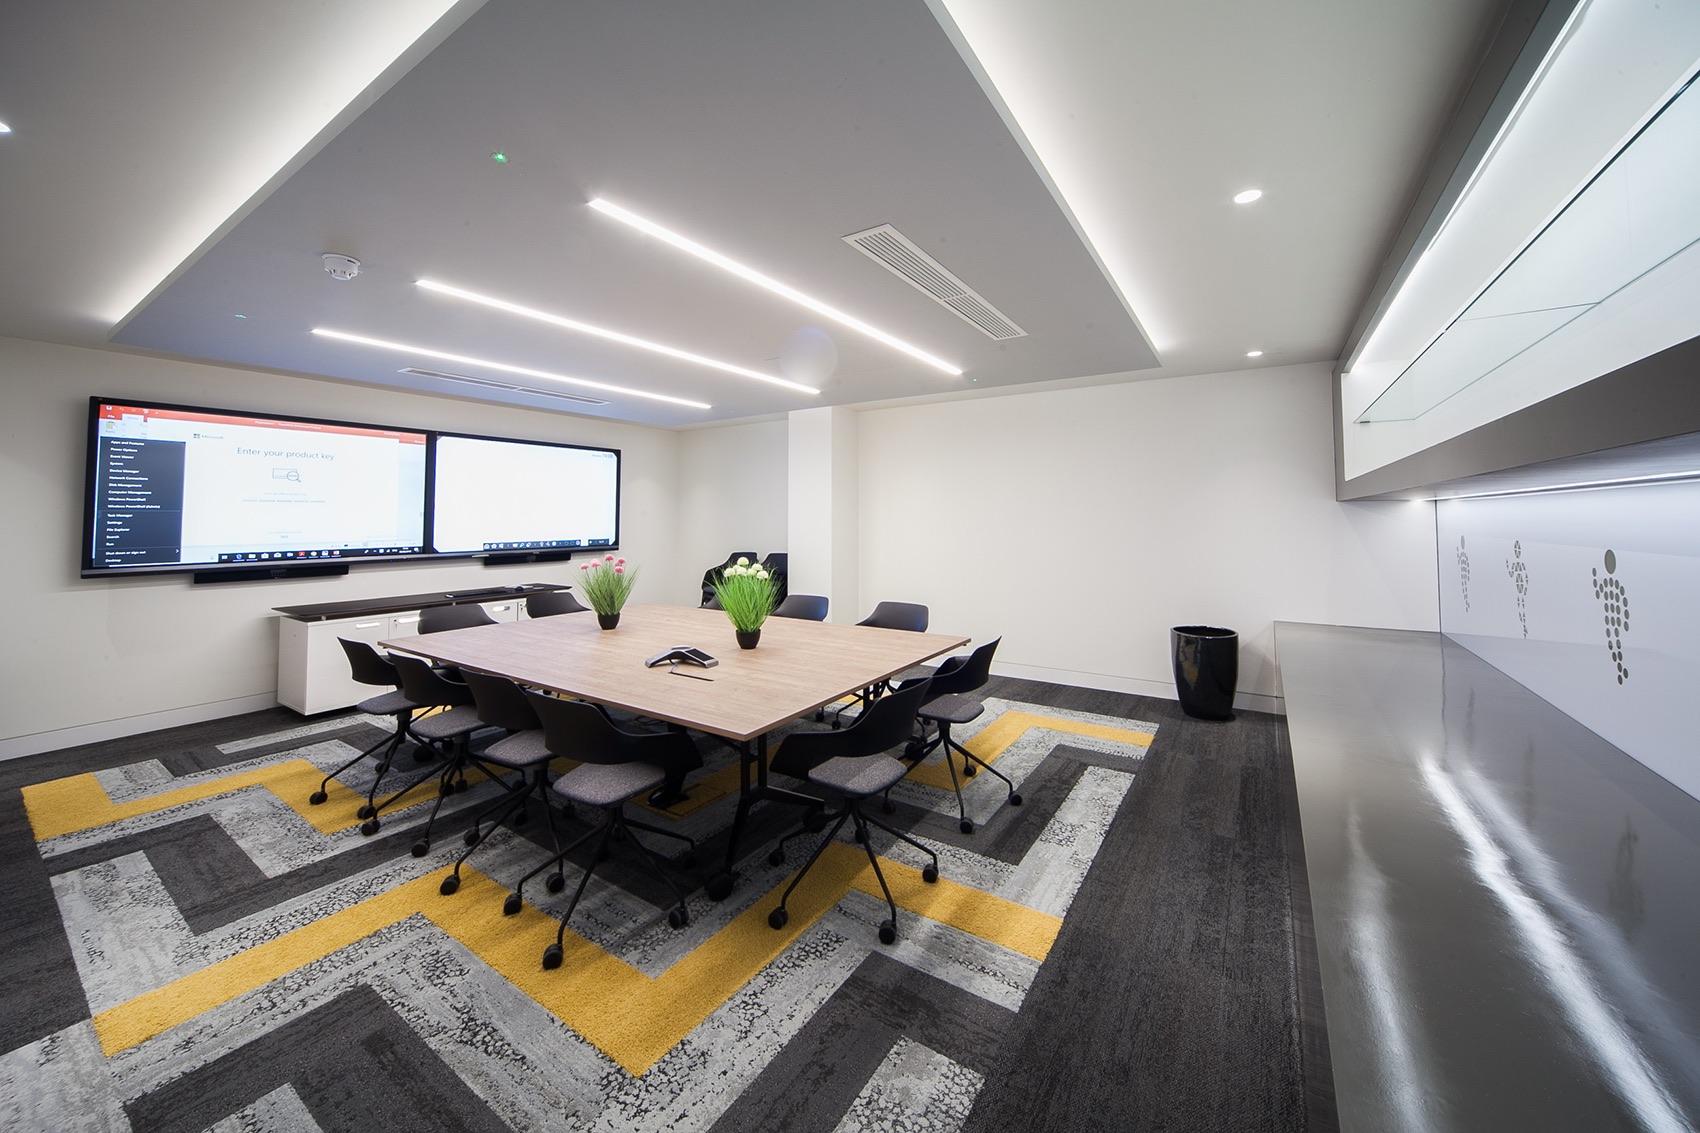 mdc-london-office-8